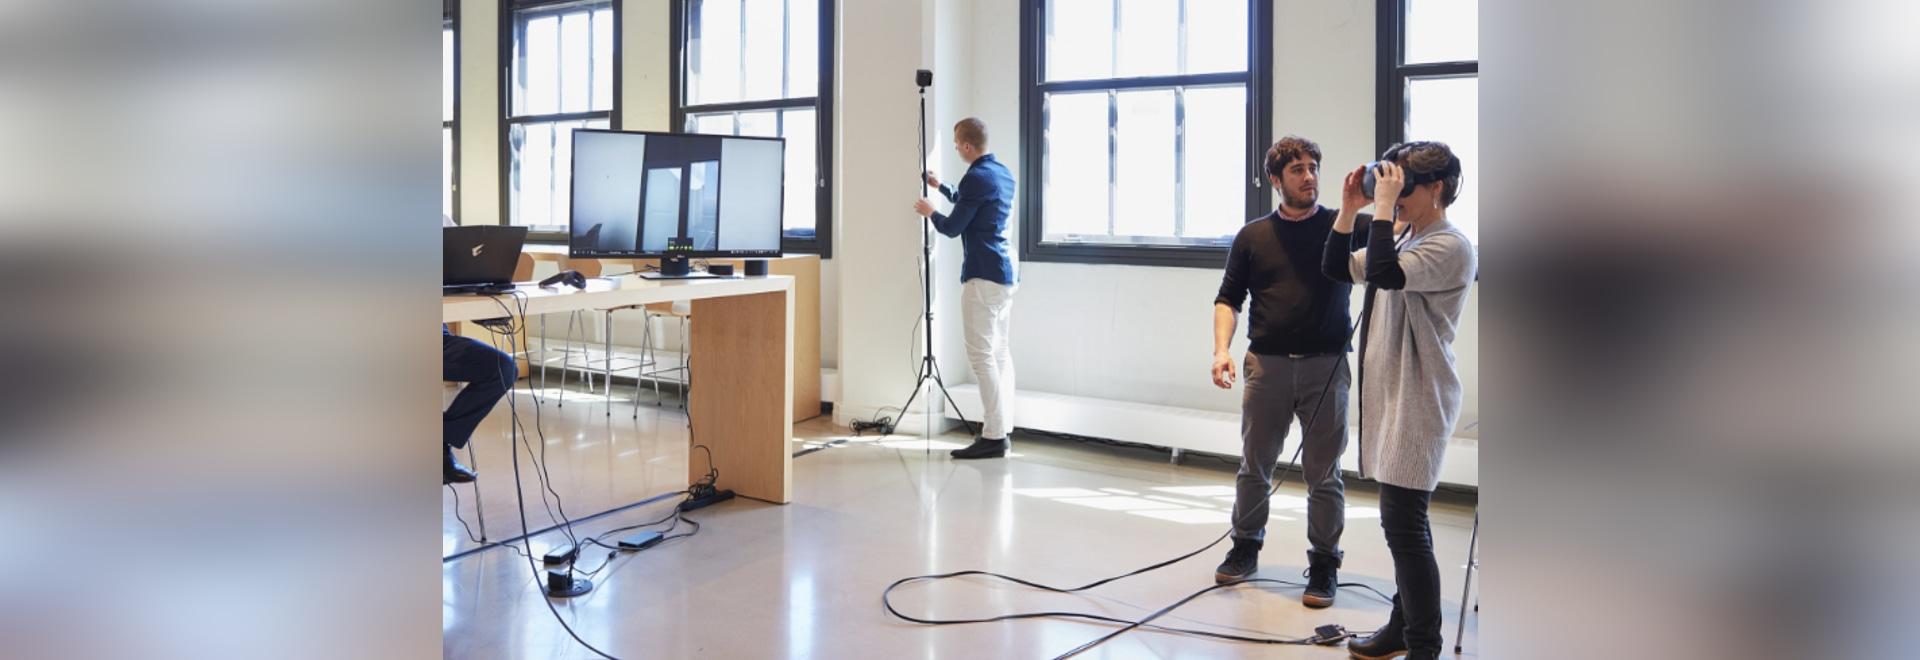 Vergrößerung von Gesundheitswesen-Planung durch virtuelle Realität